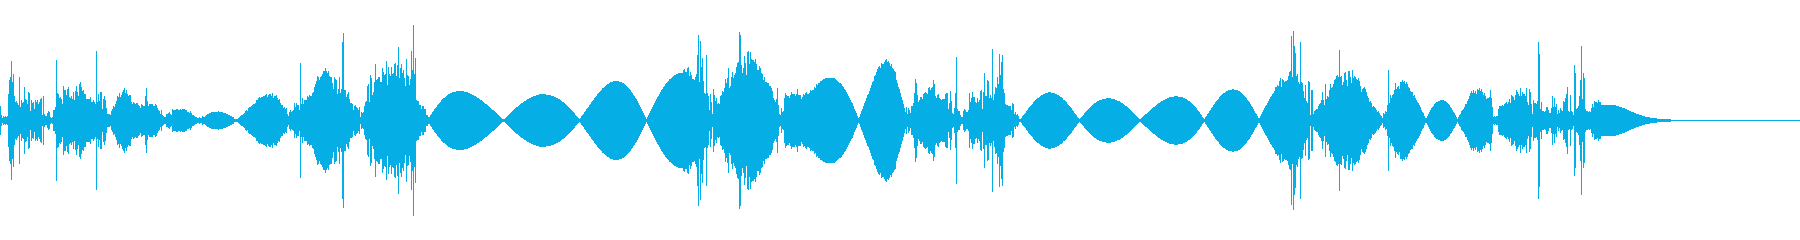 チョビチョビ 移動音の再生済みの波形